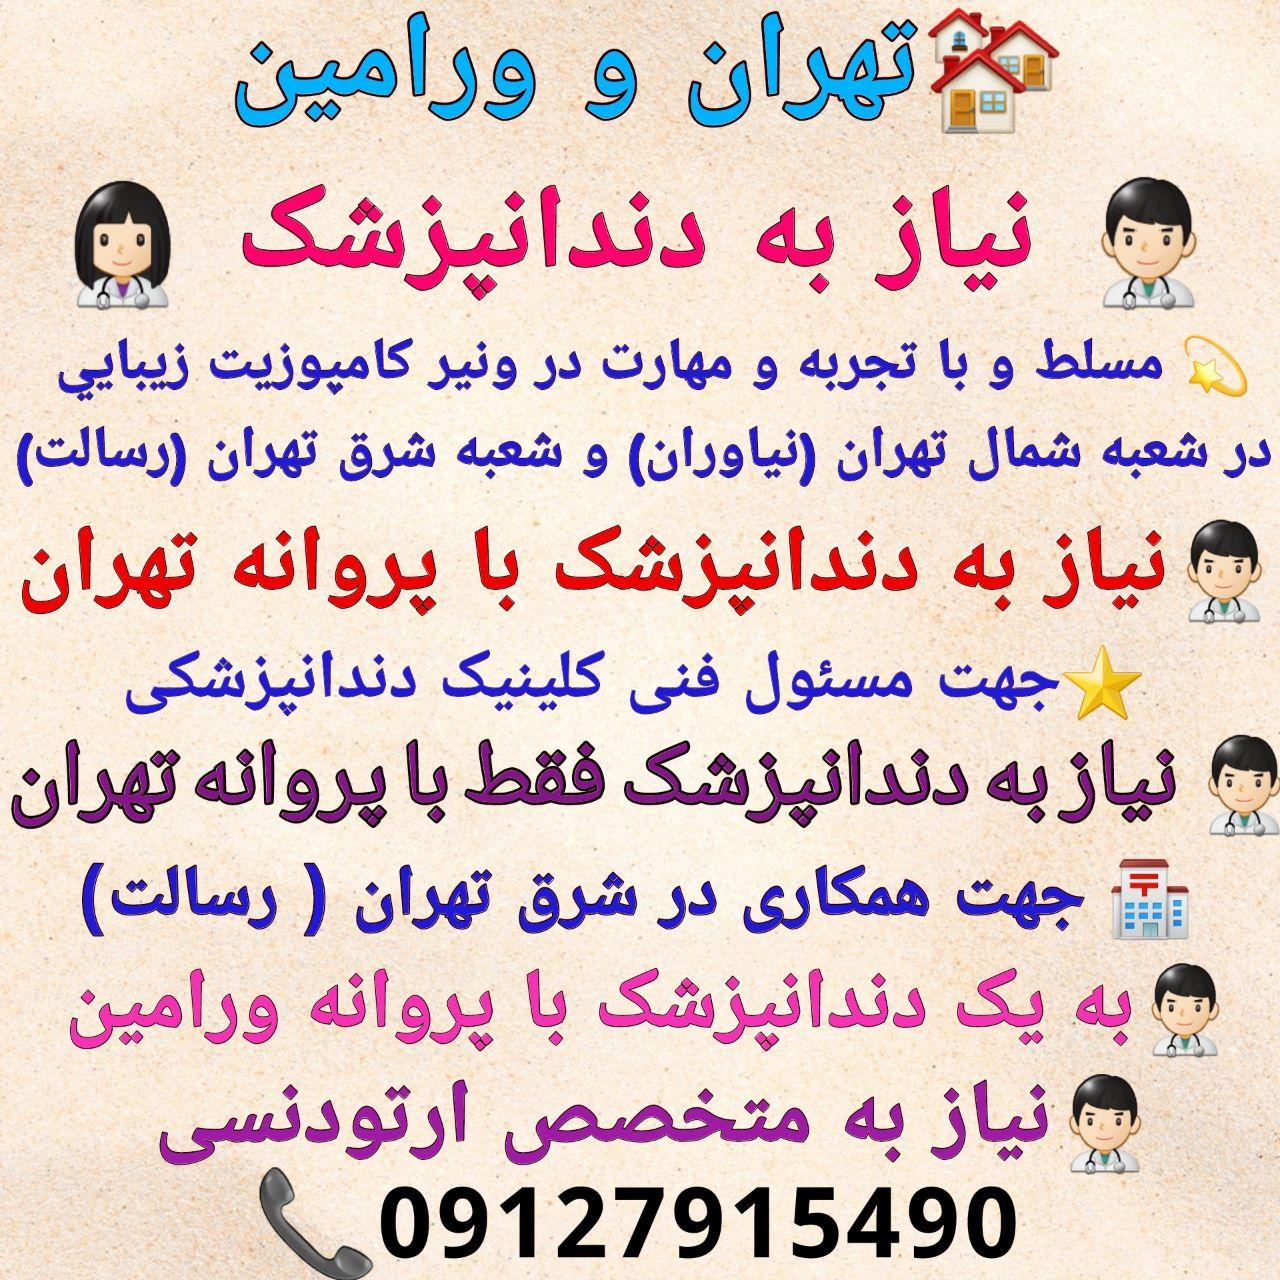 تهران و ورامین، نیاز به دندانپزشک، متخصص ارتودنسی